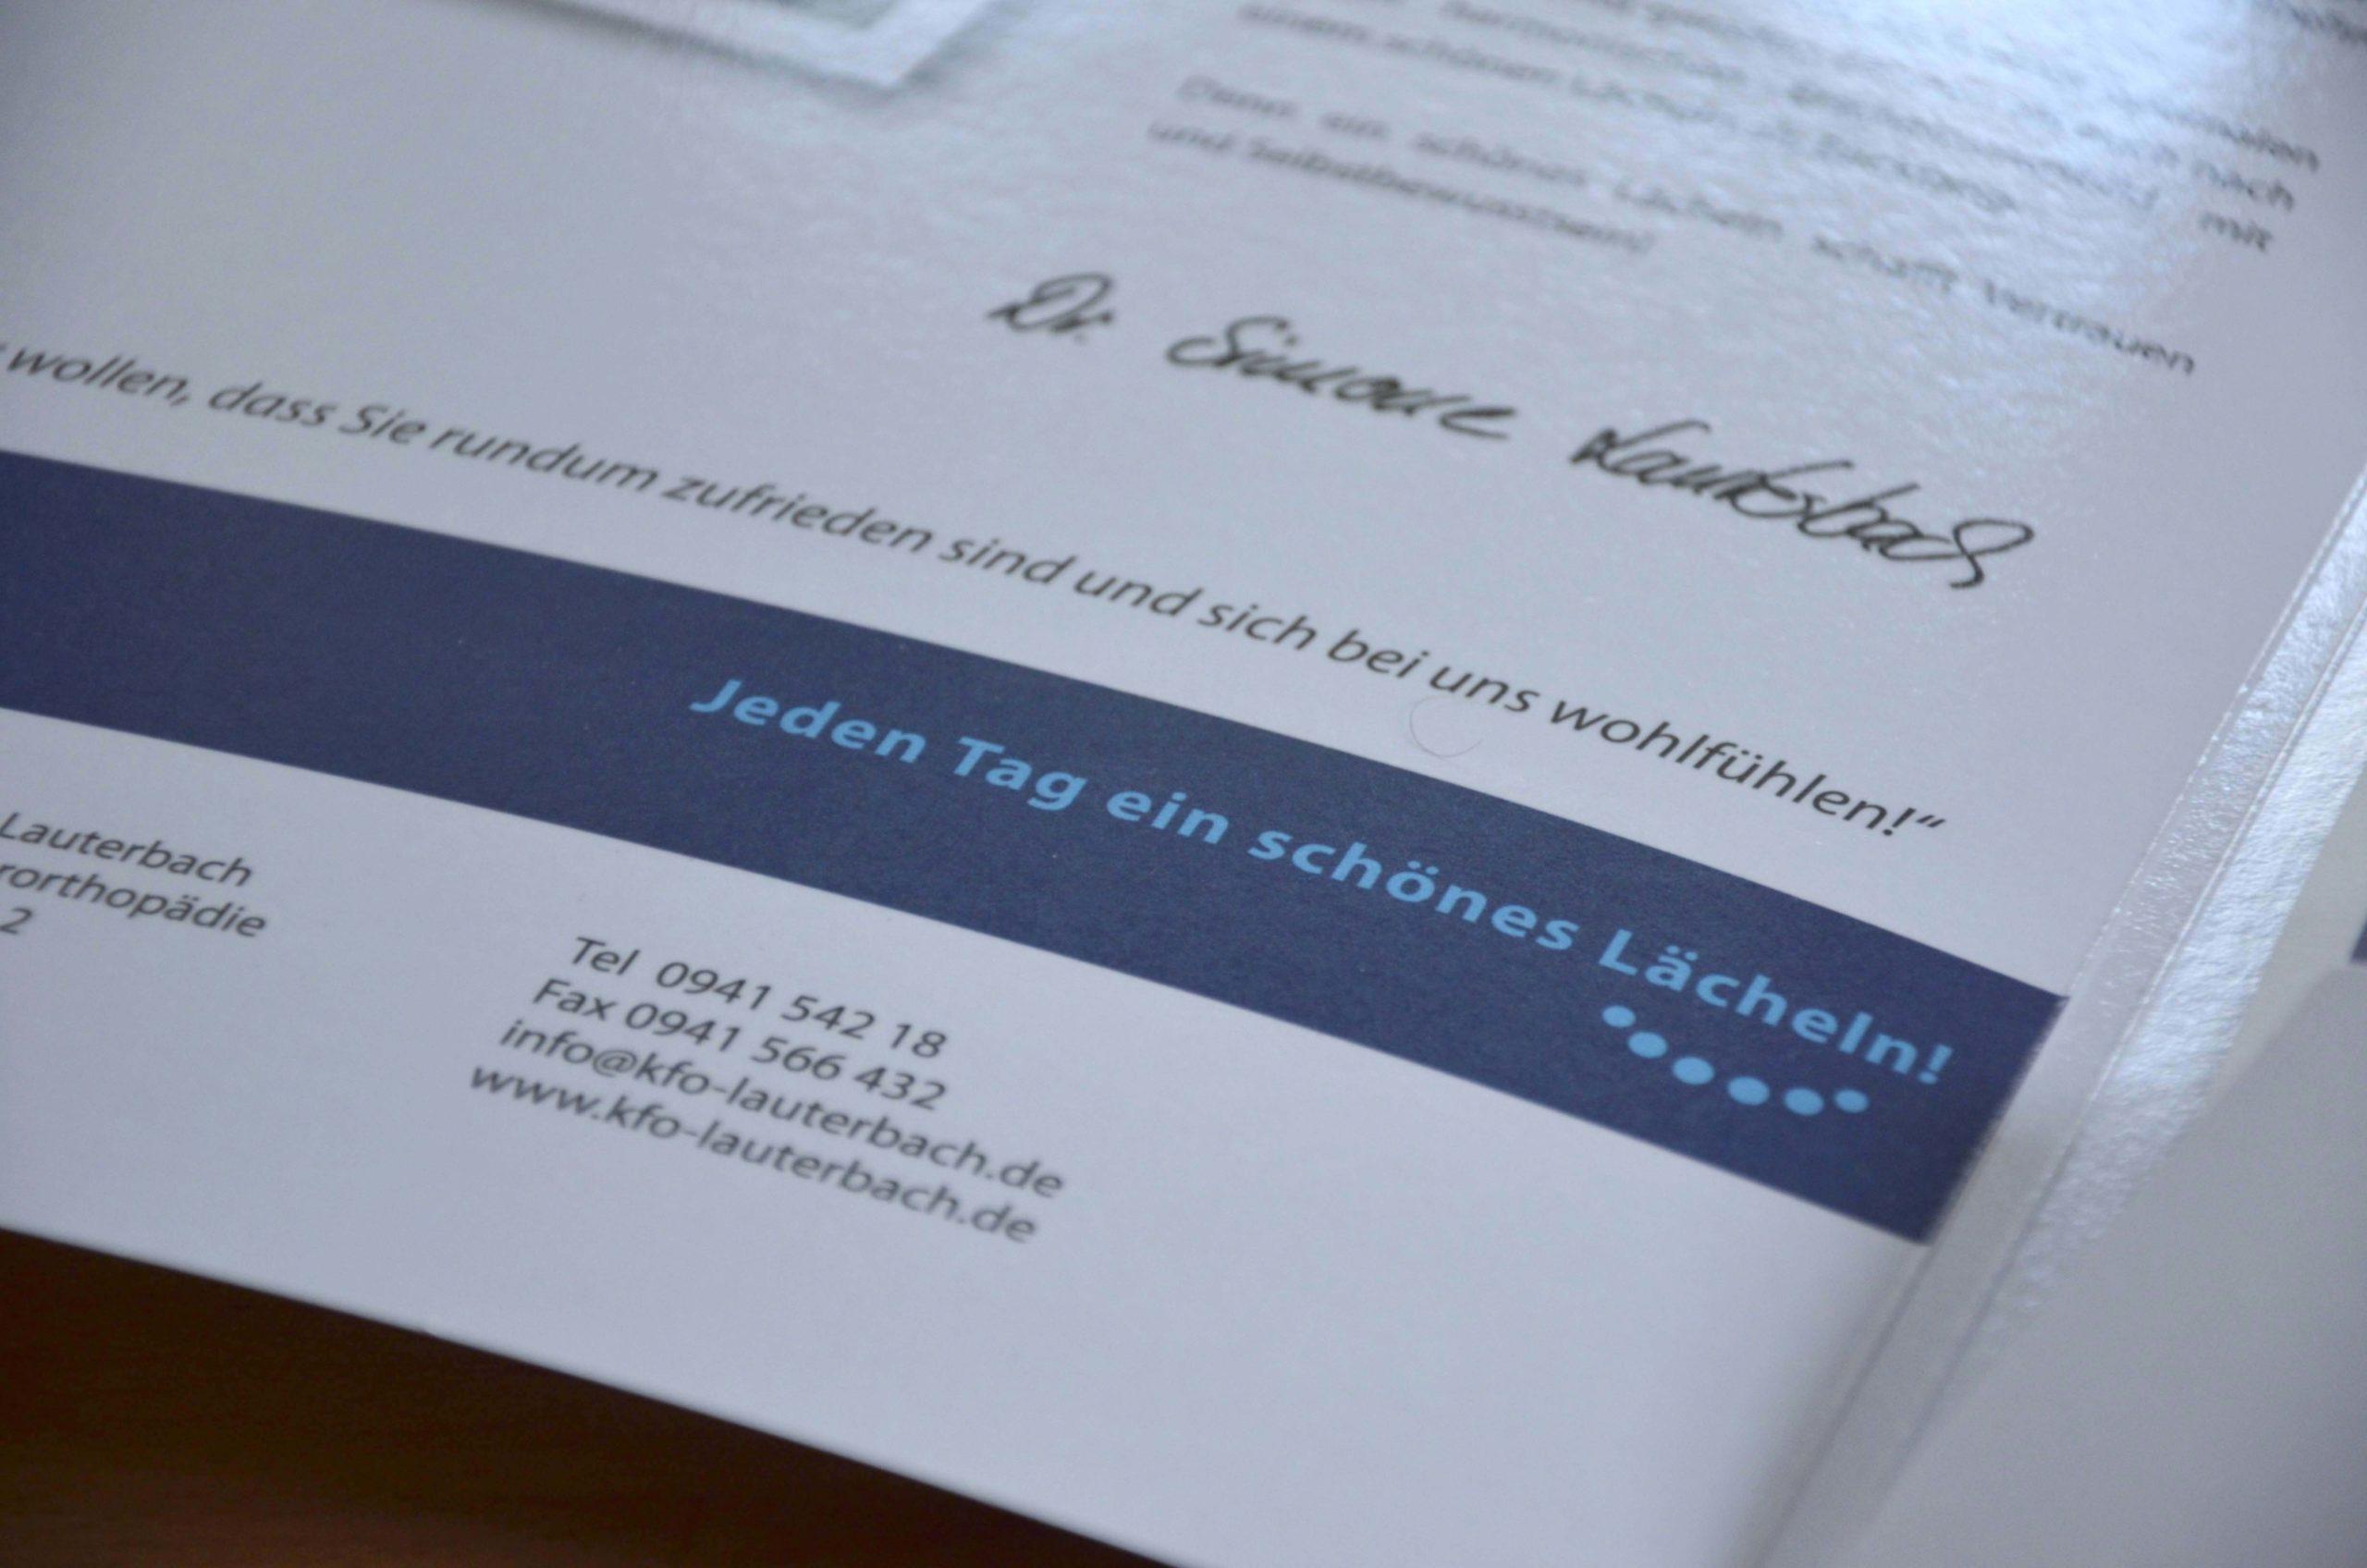 Patienteninformationsmappe der KFO-Praxis Lauterbach